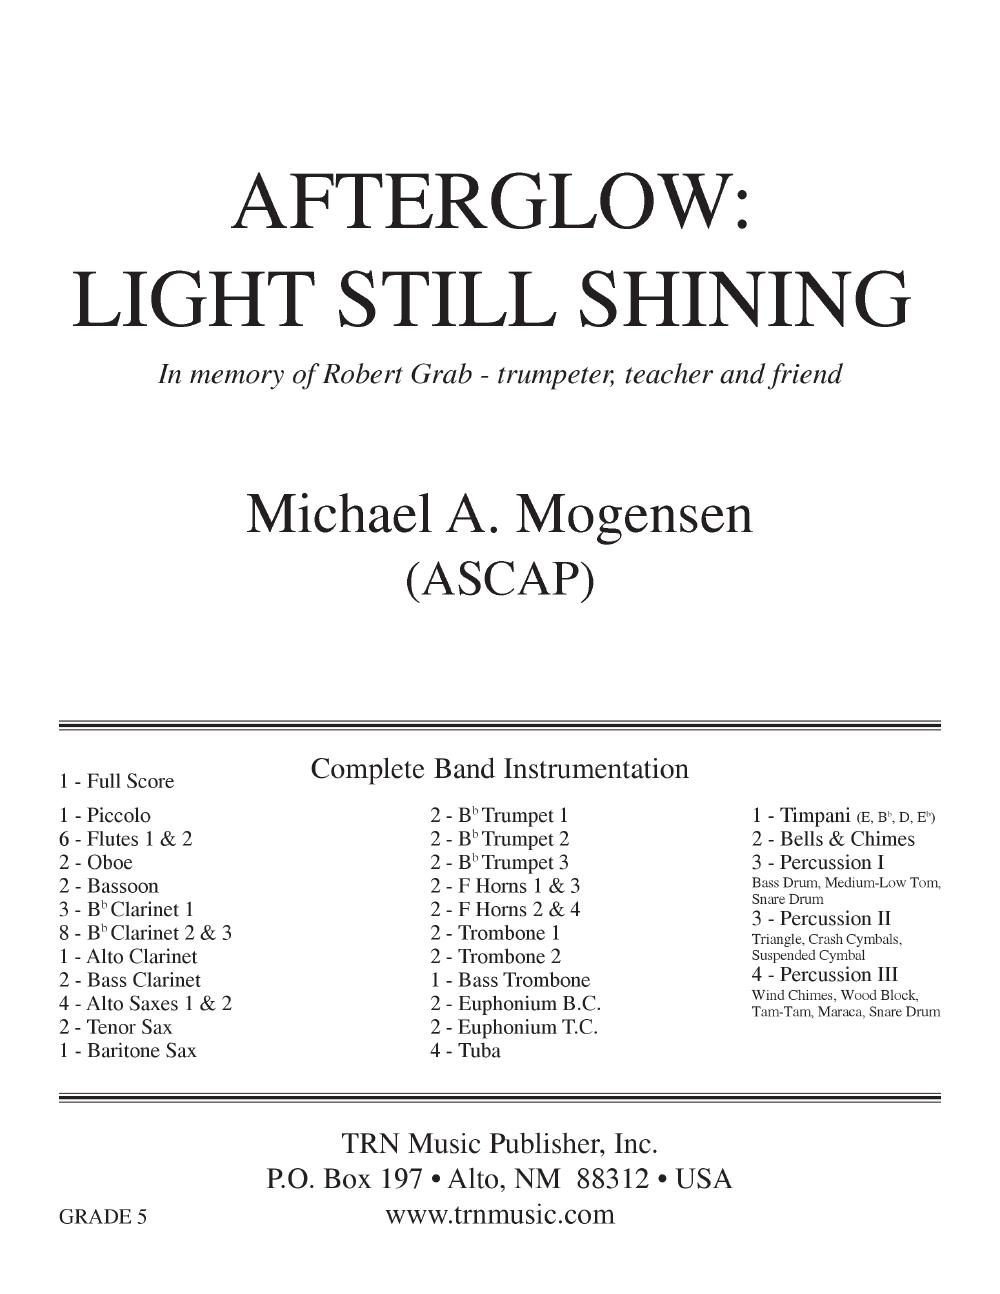 Afterglow Light Still Shining by MOGENSEN, M| J W  Pepper